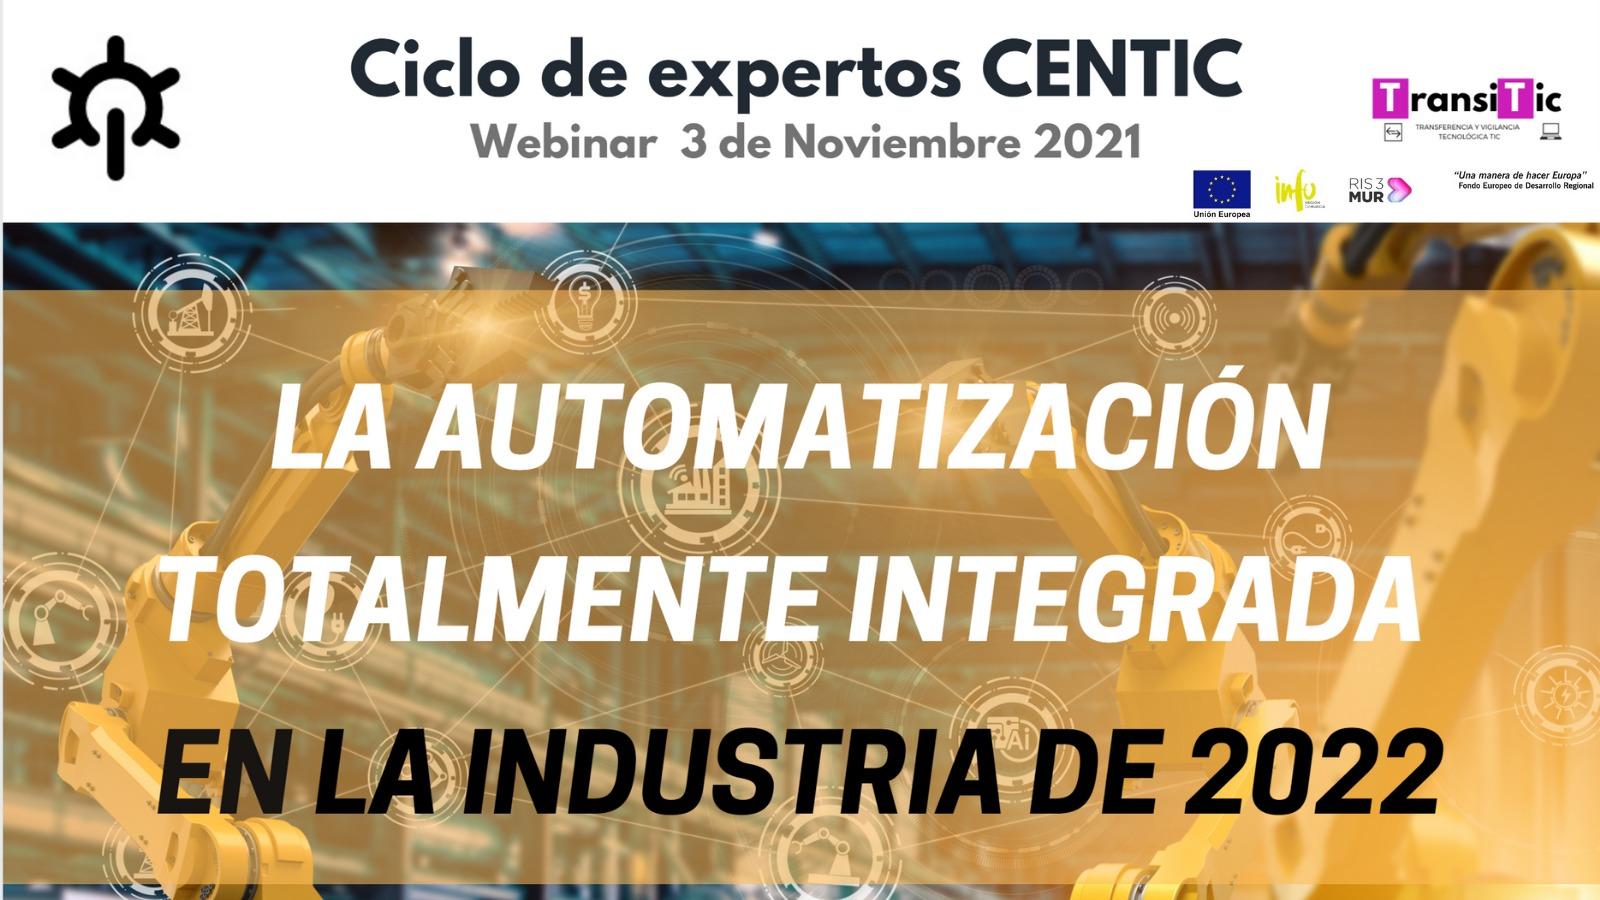 Webinar expertos CENTIC 3 nov